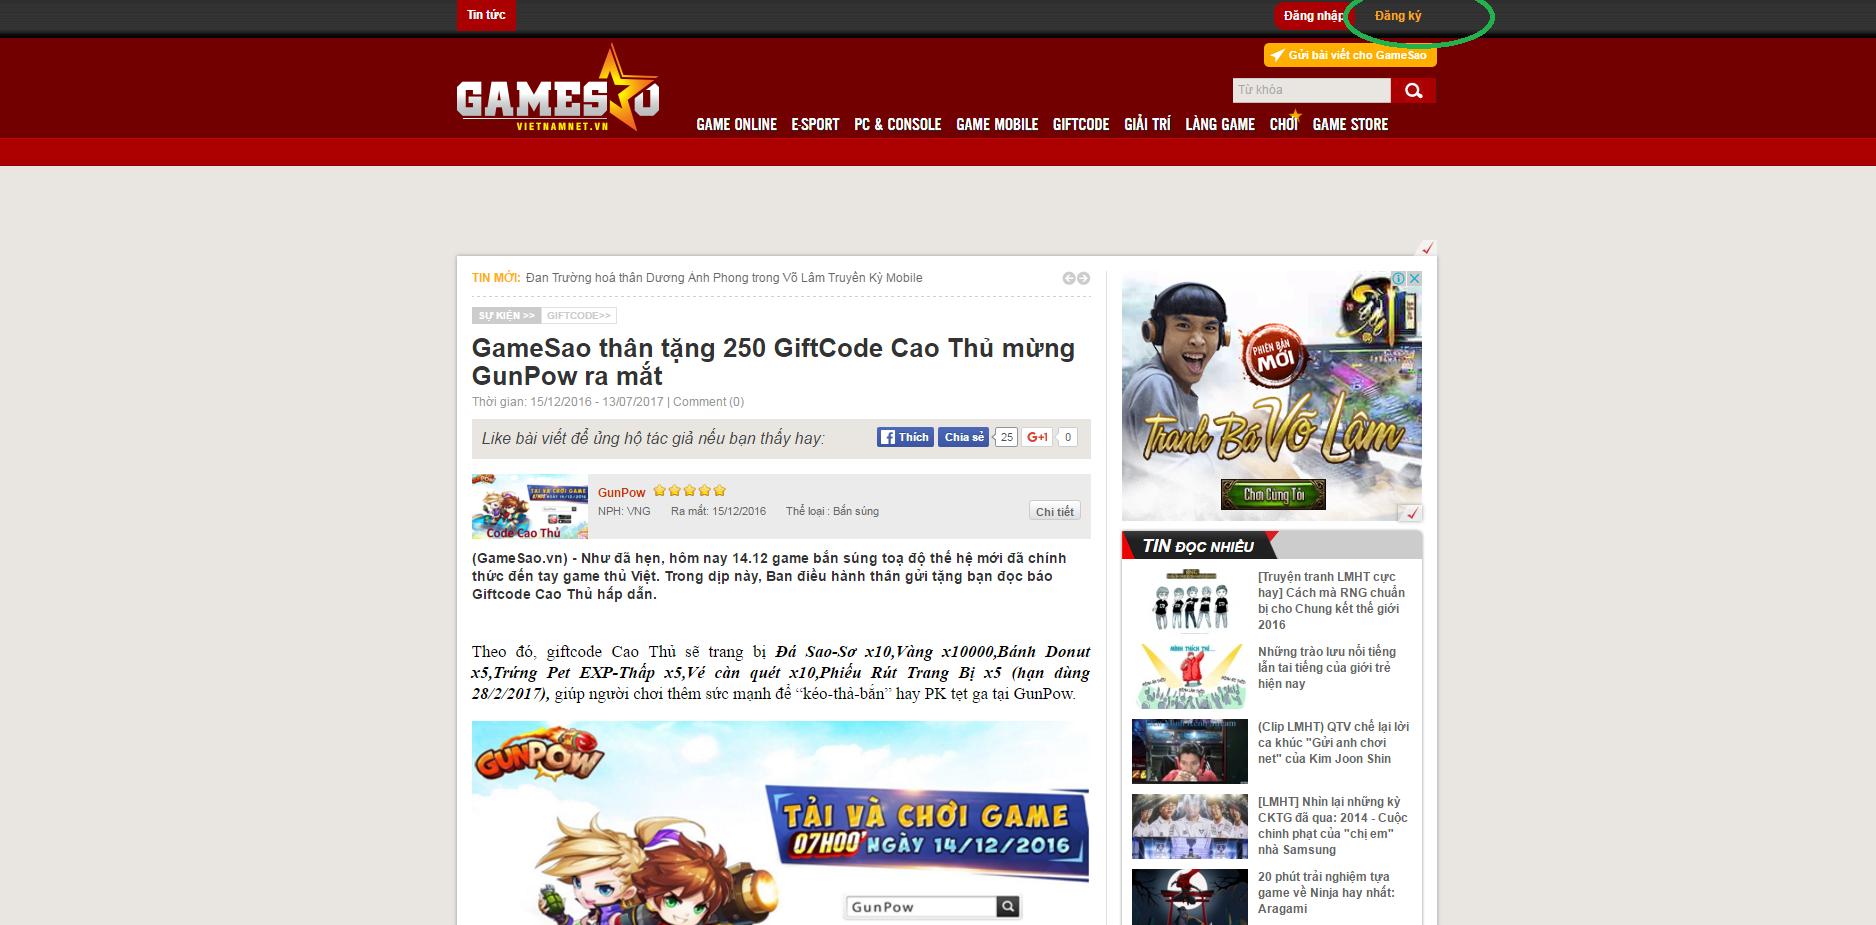 GameSao thân tặng 400 GiftCode Võ Lâm Returns mừng Valentine 2017 - ảnh 2